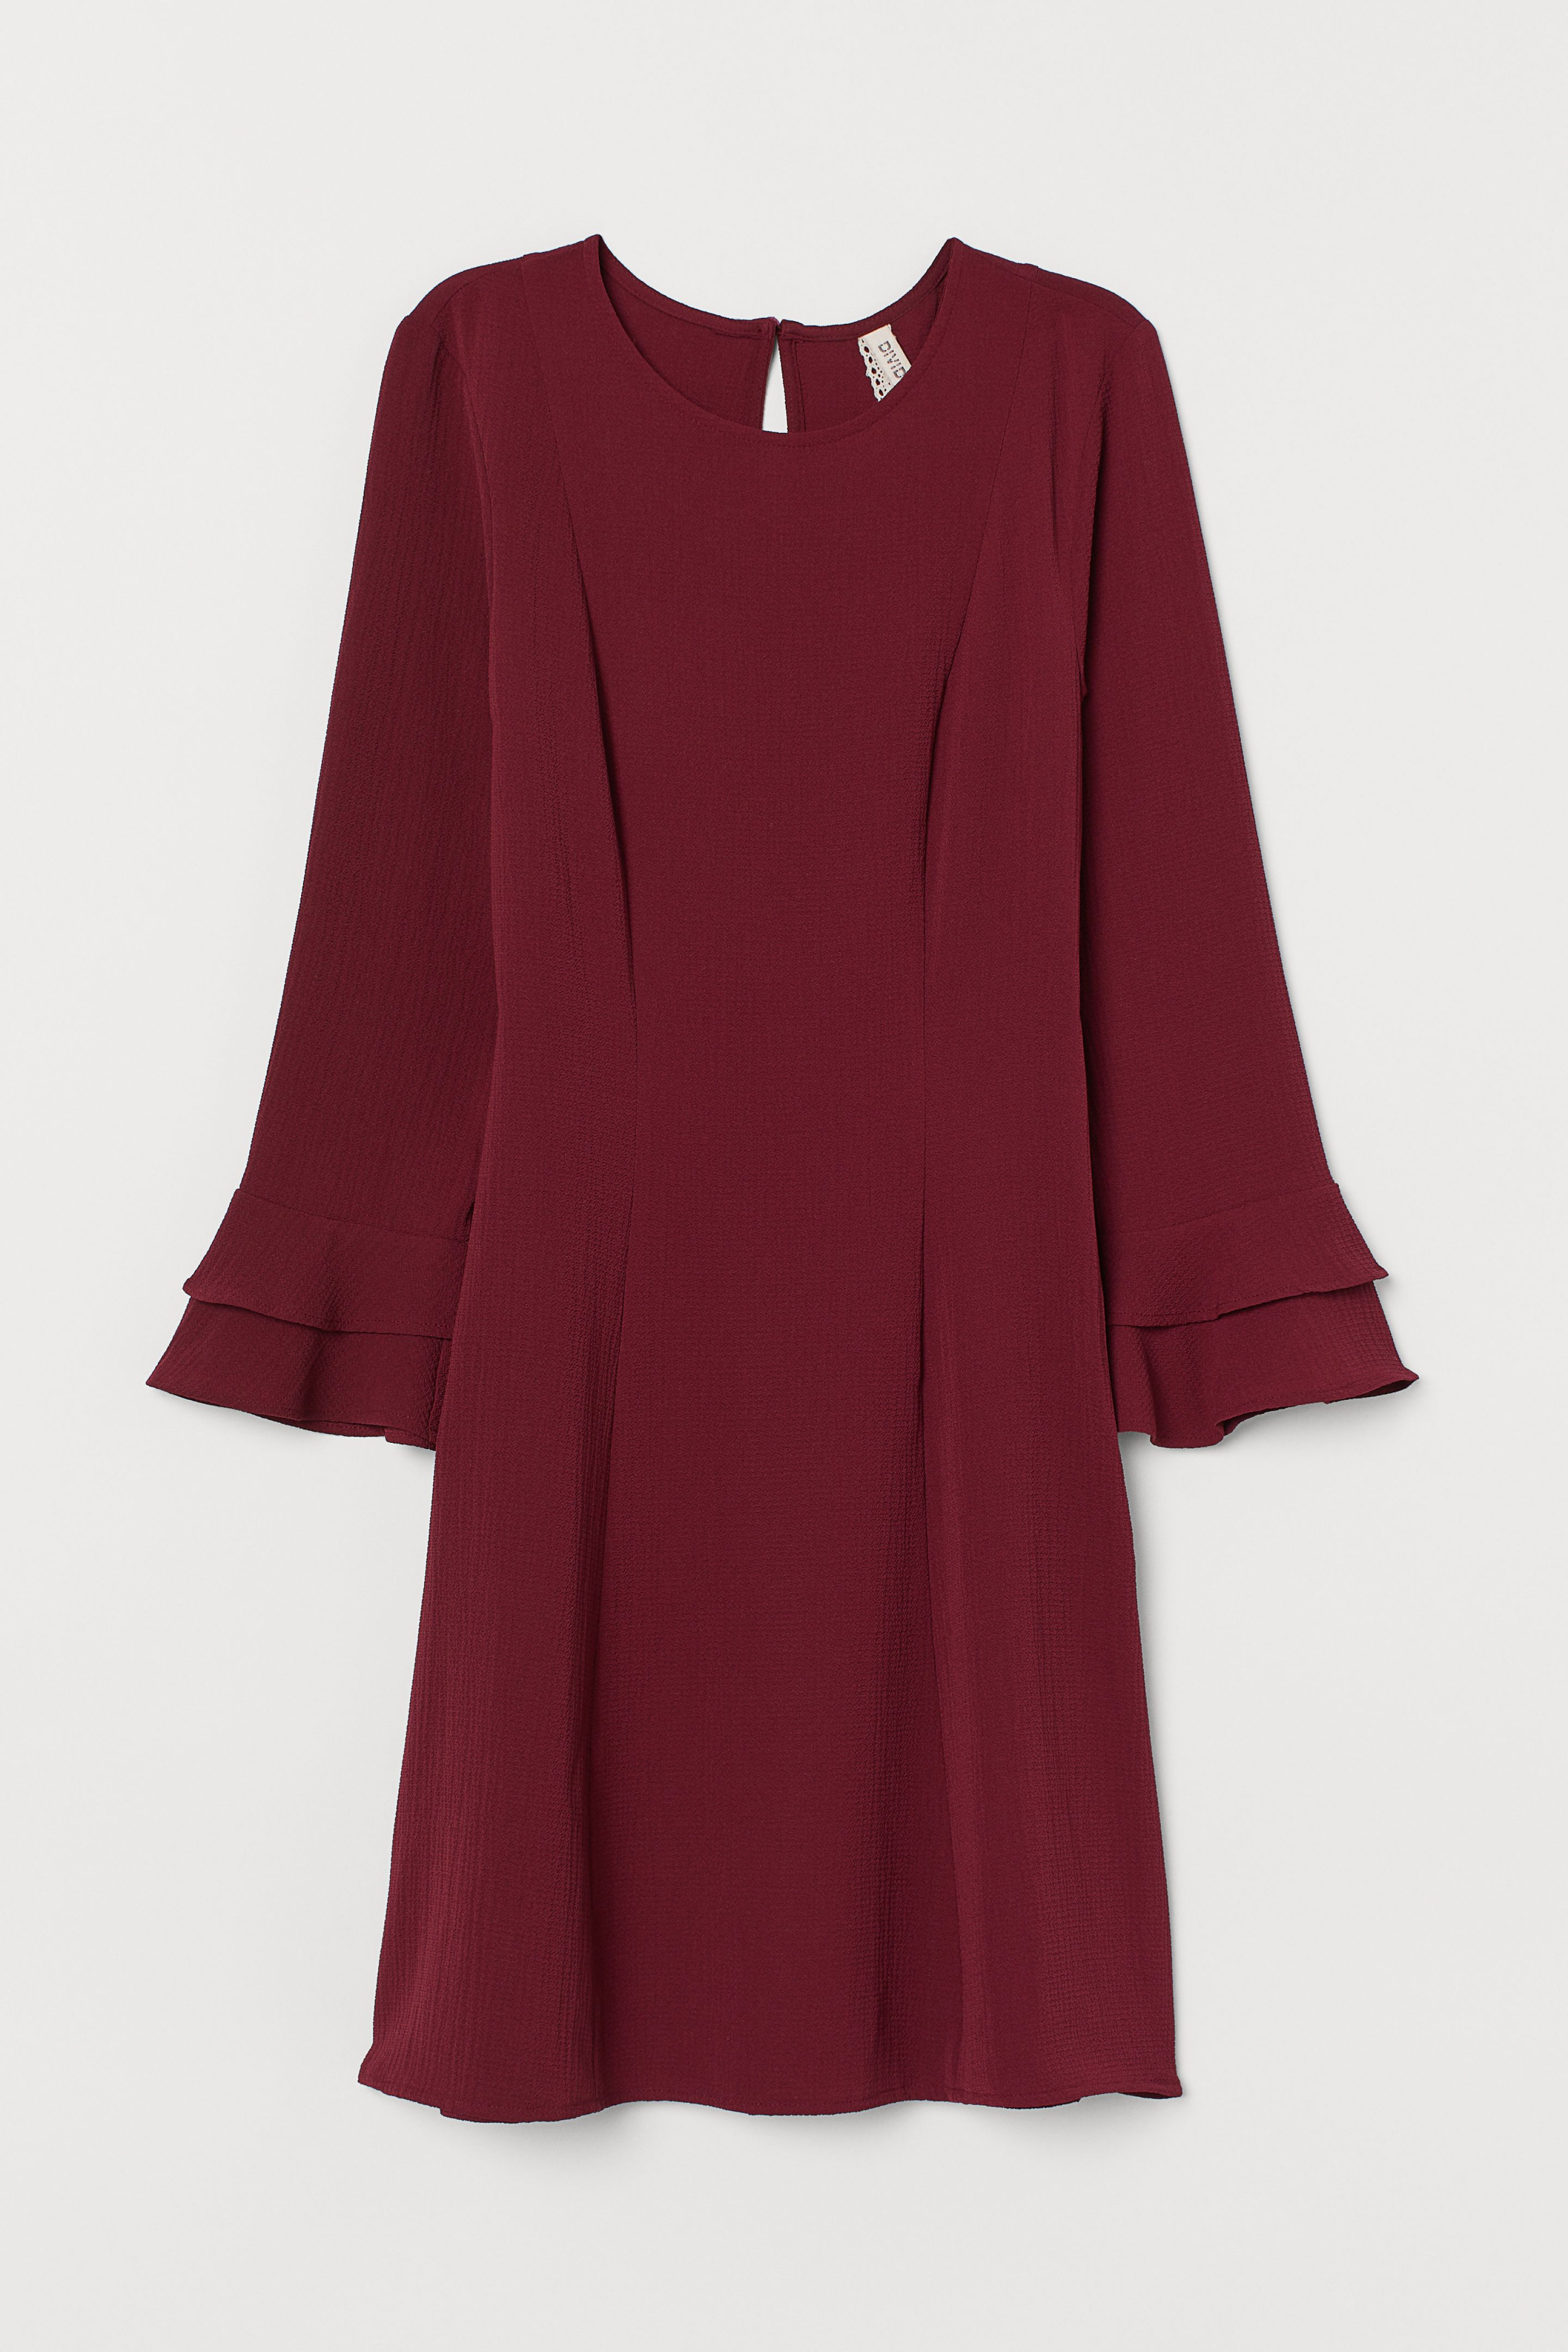 Kleid mit Volantärmeln - Weinrot - Ladies  H&M DE  Kleider